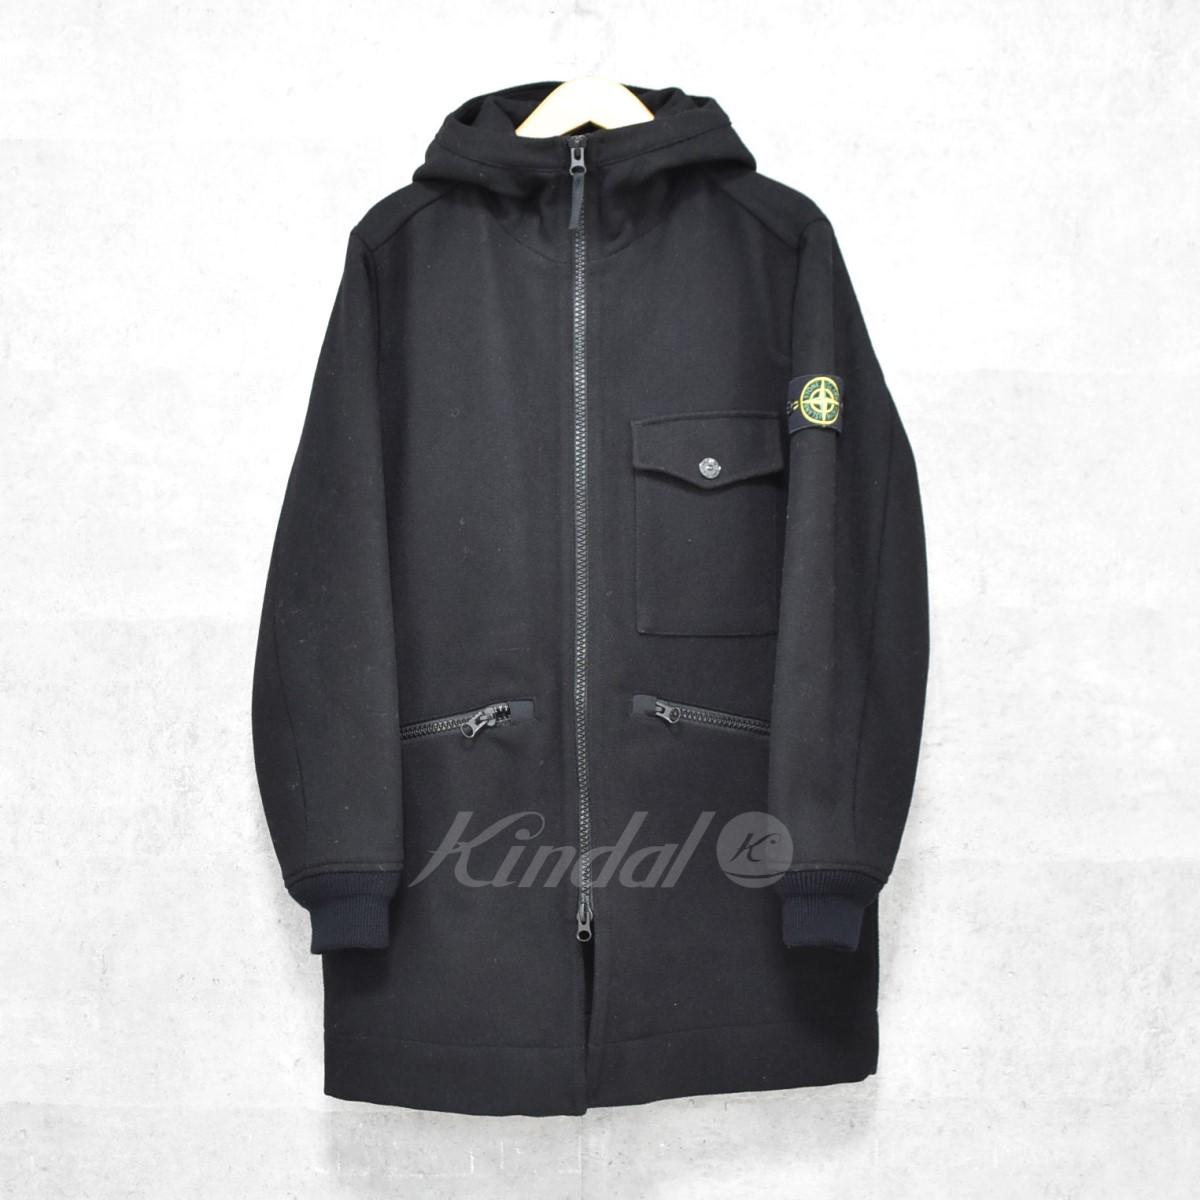 【中古】STONE ISLAND フード付 ジップアップコート Panno Speciale Jacket ブラック サイズ:M 【送料無料】 【141018】(ストーンアイランド)